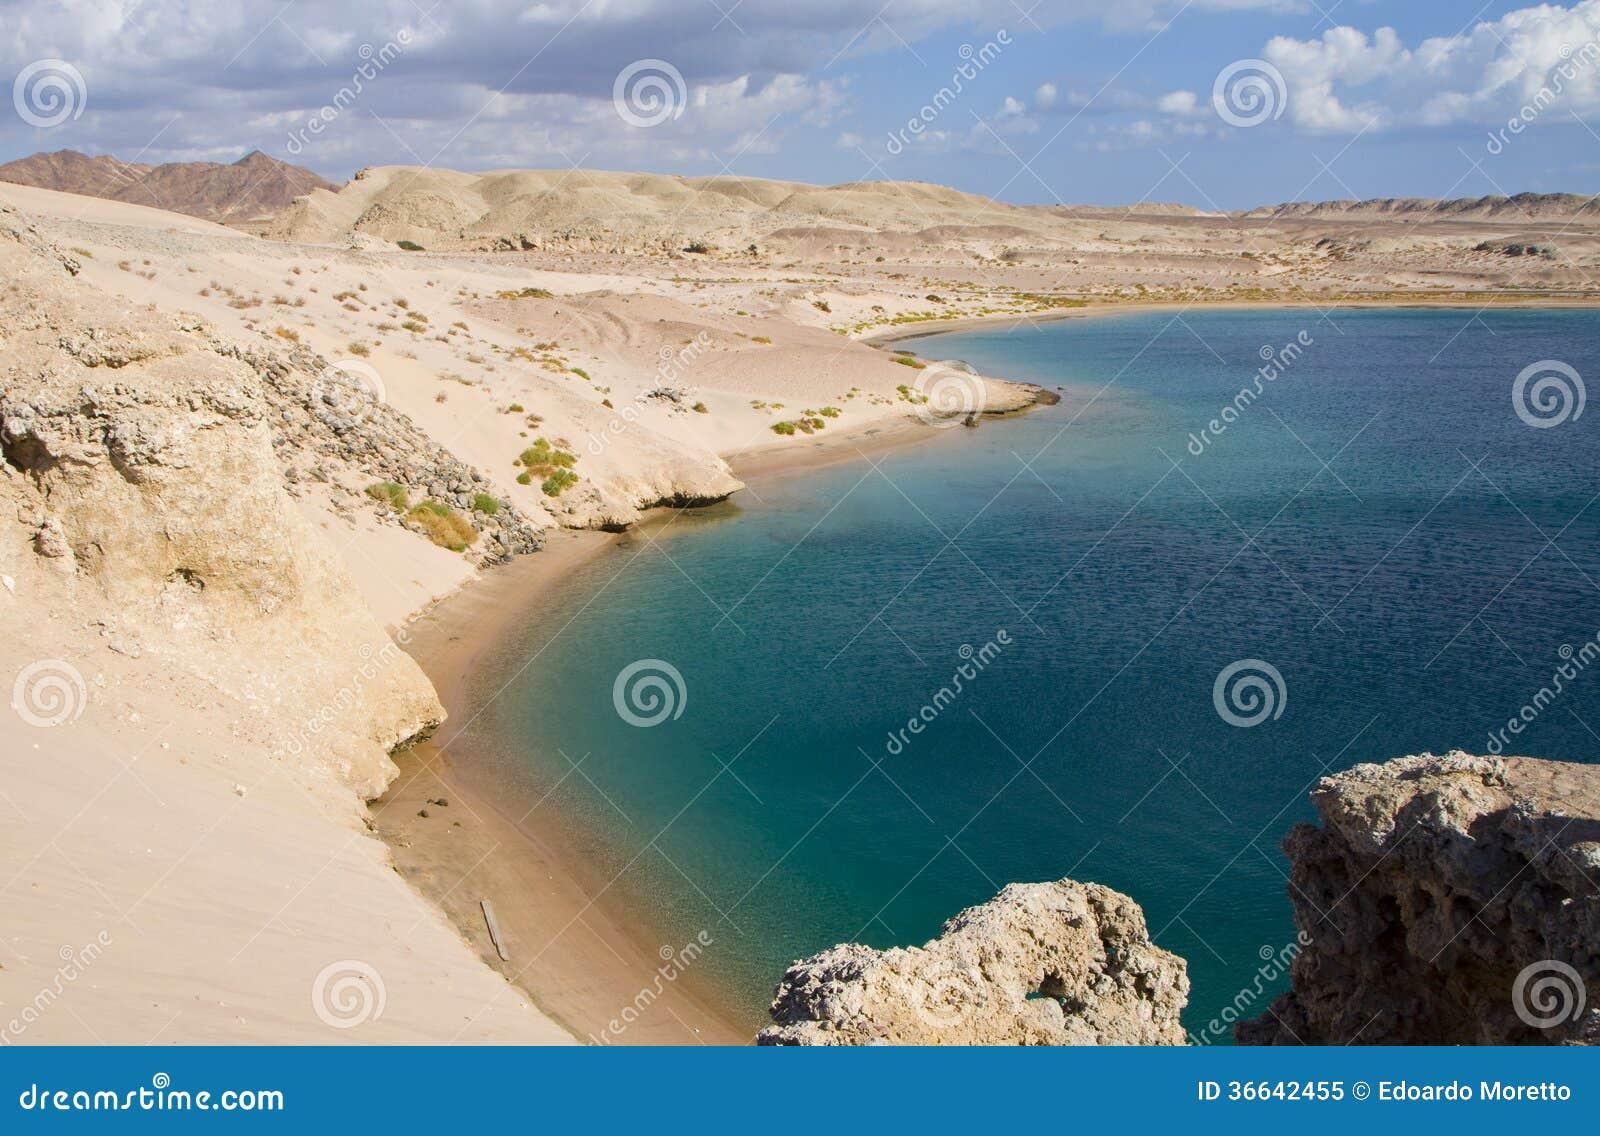 Bahía de la tortuga en Egipto